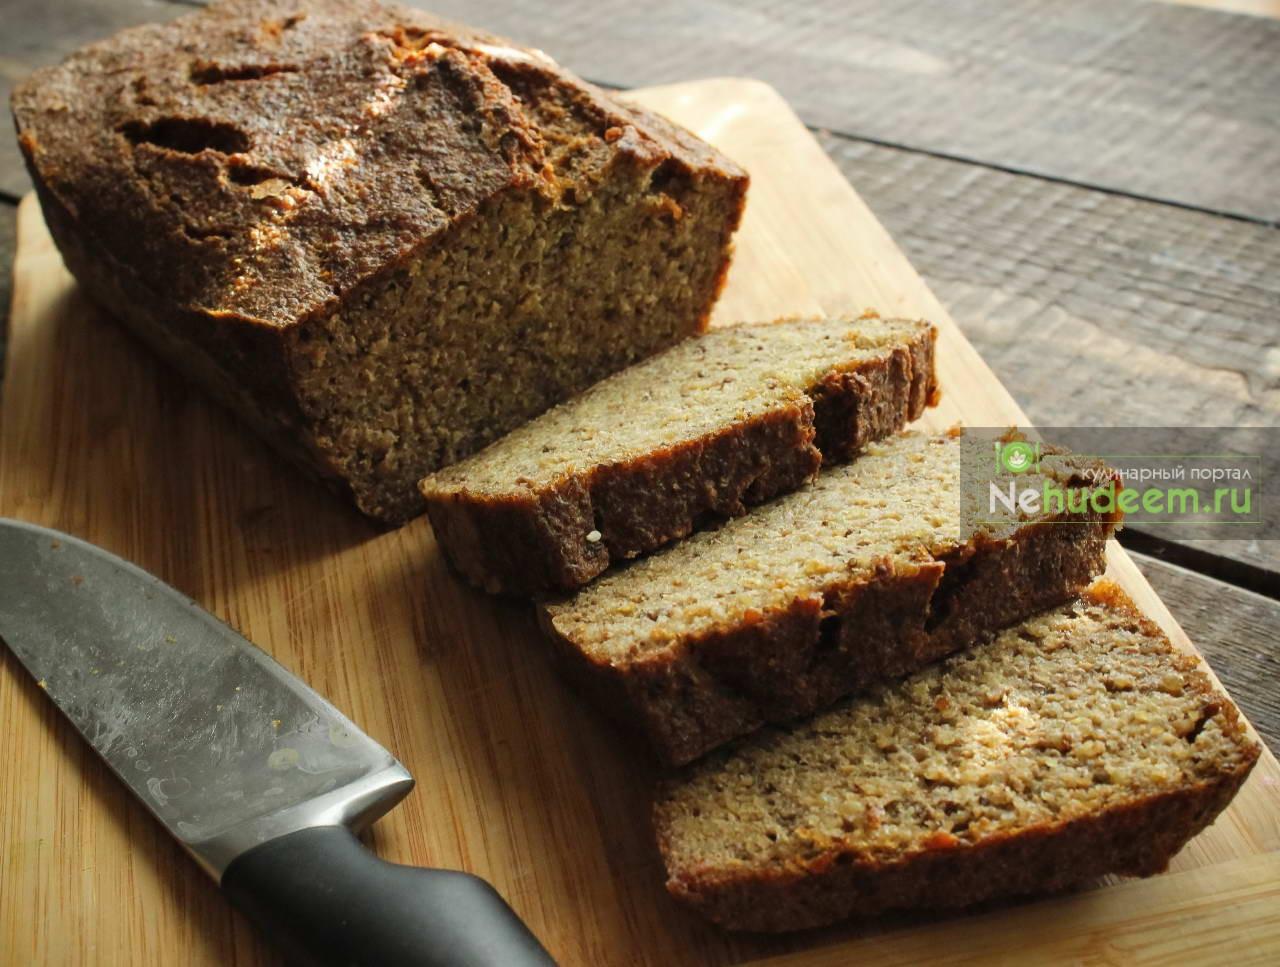 Хлеб из киноа с семенами чиа